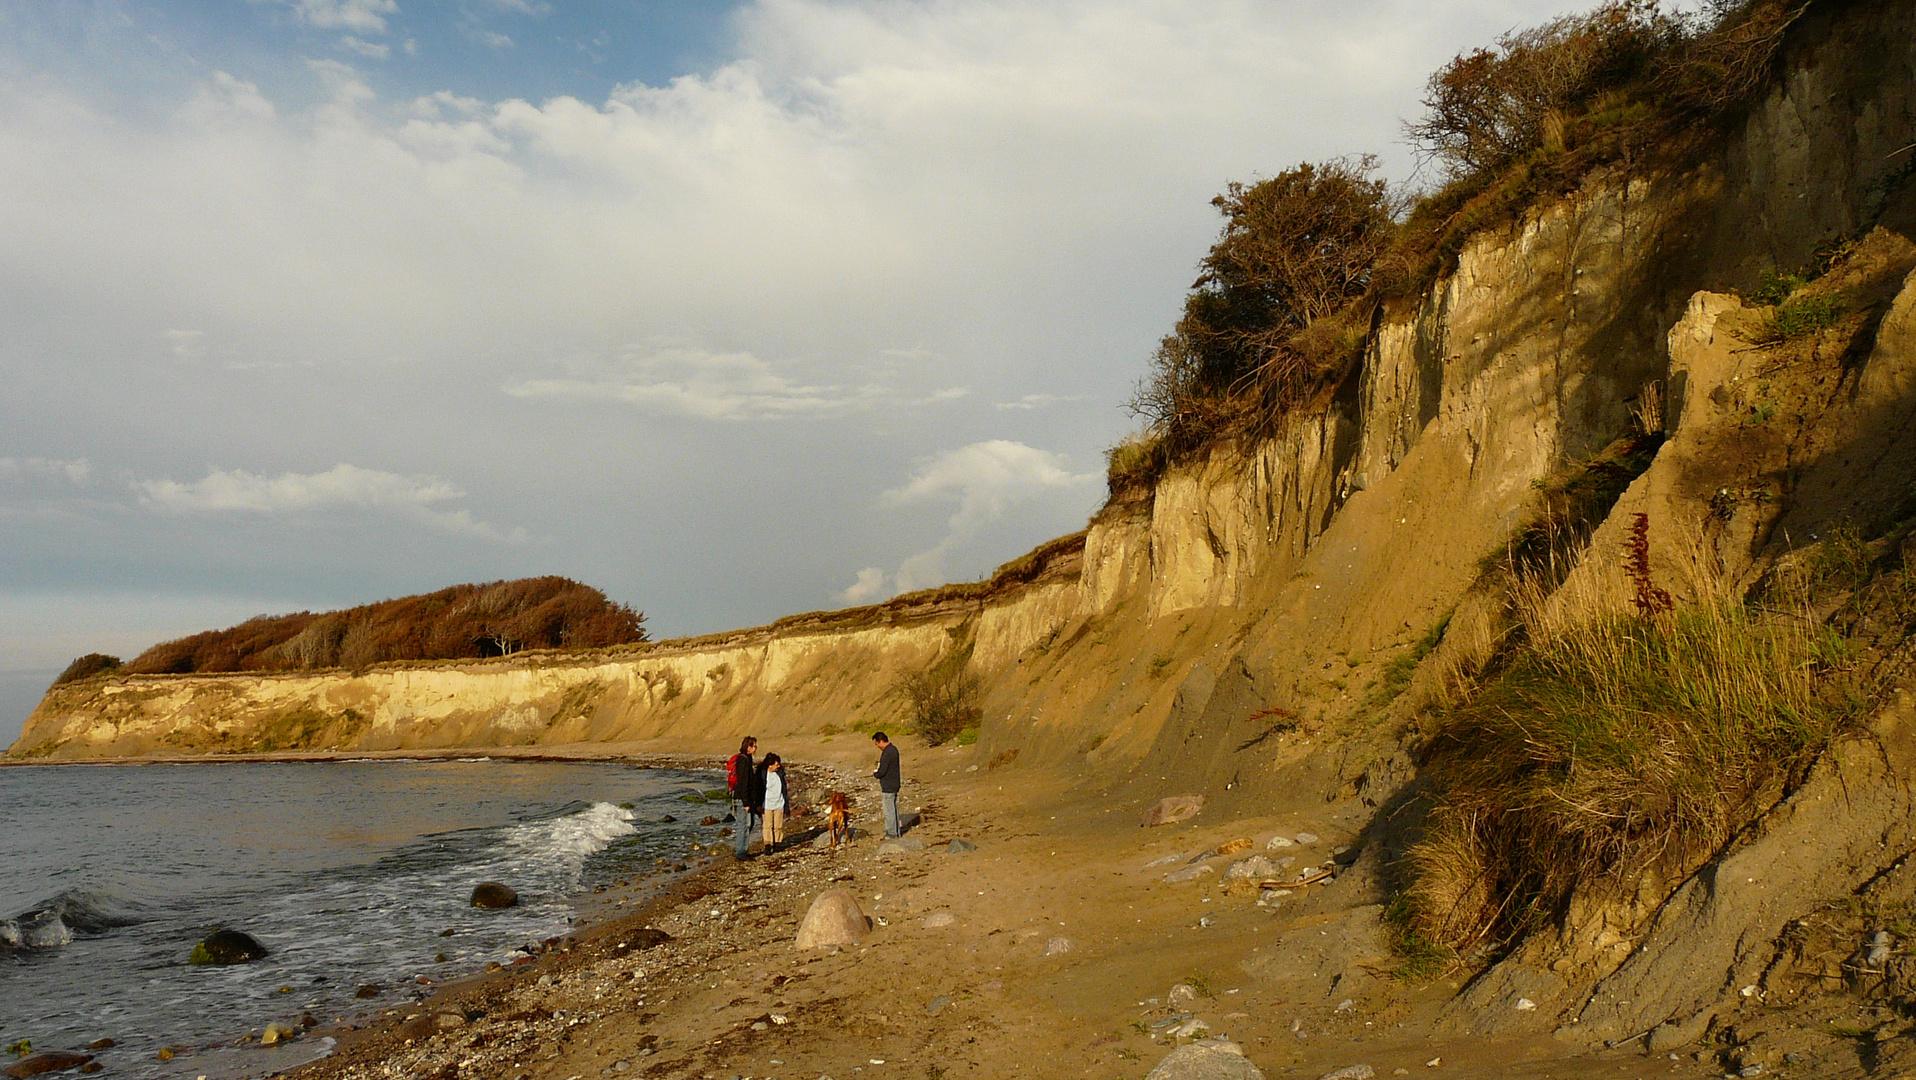 Kreptitzer Steilküste am Abend